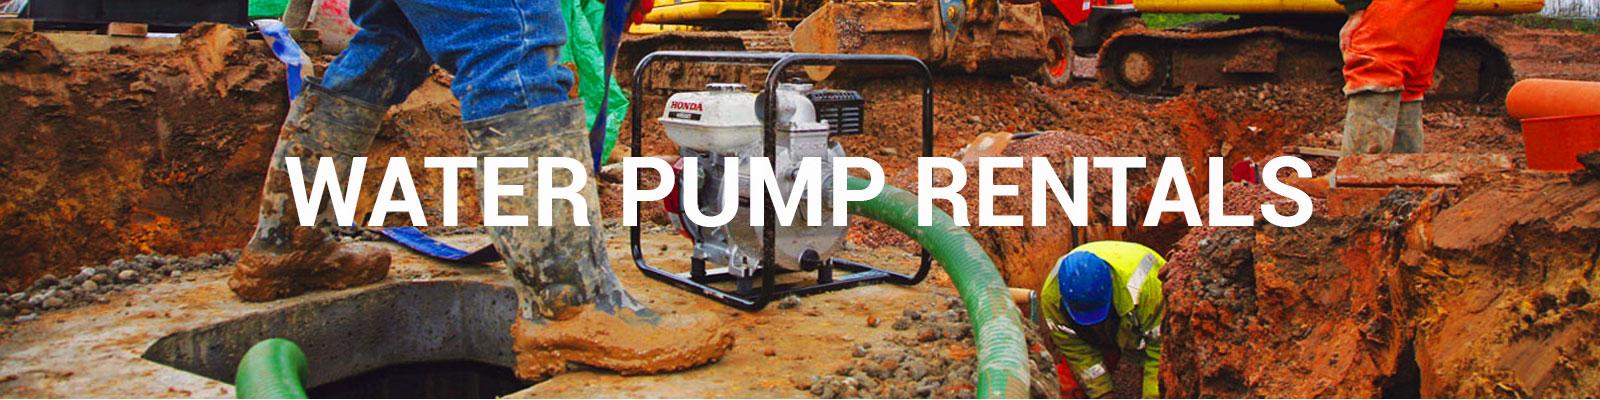 Water Pump Rentals, Trash Pumps, Sub Pumps | Durante Rentals of NY